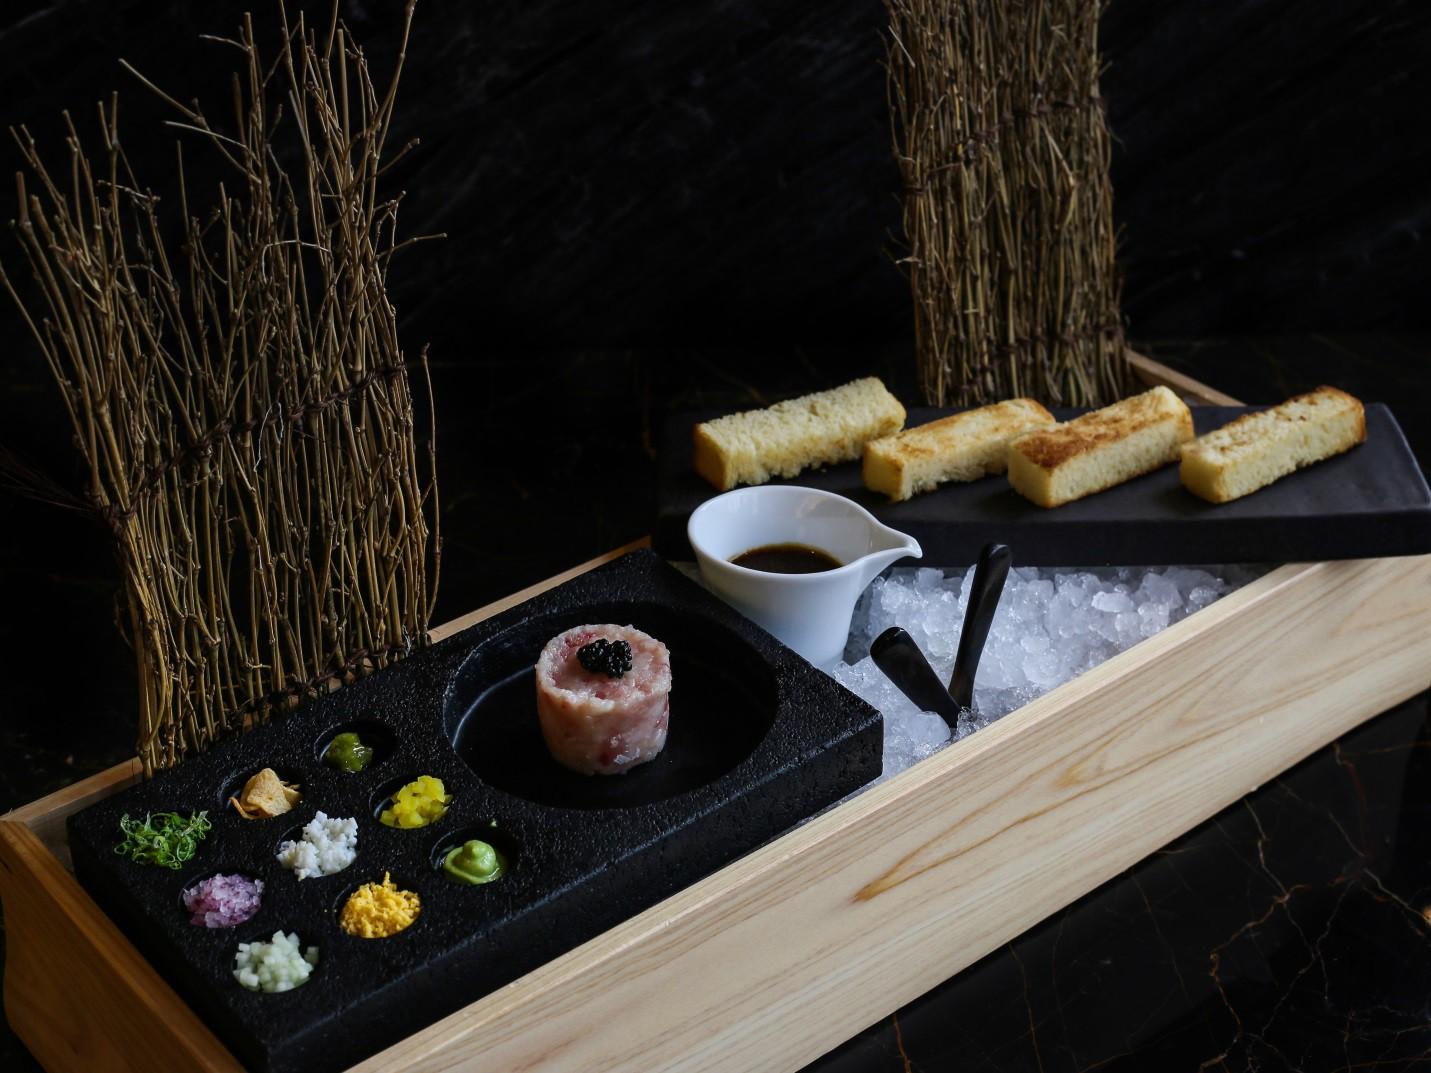 Khám phá ẩm thực Nhật Bản hiện đại trong không gian nghệ thuật đầy màu sắc - Ảnh 10.